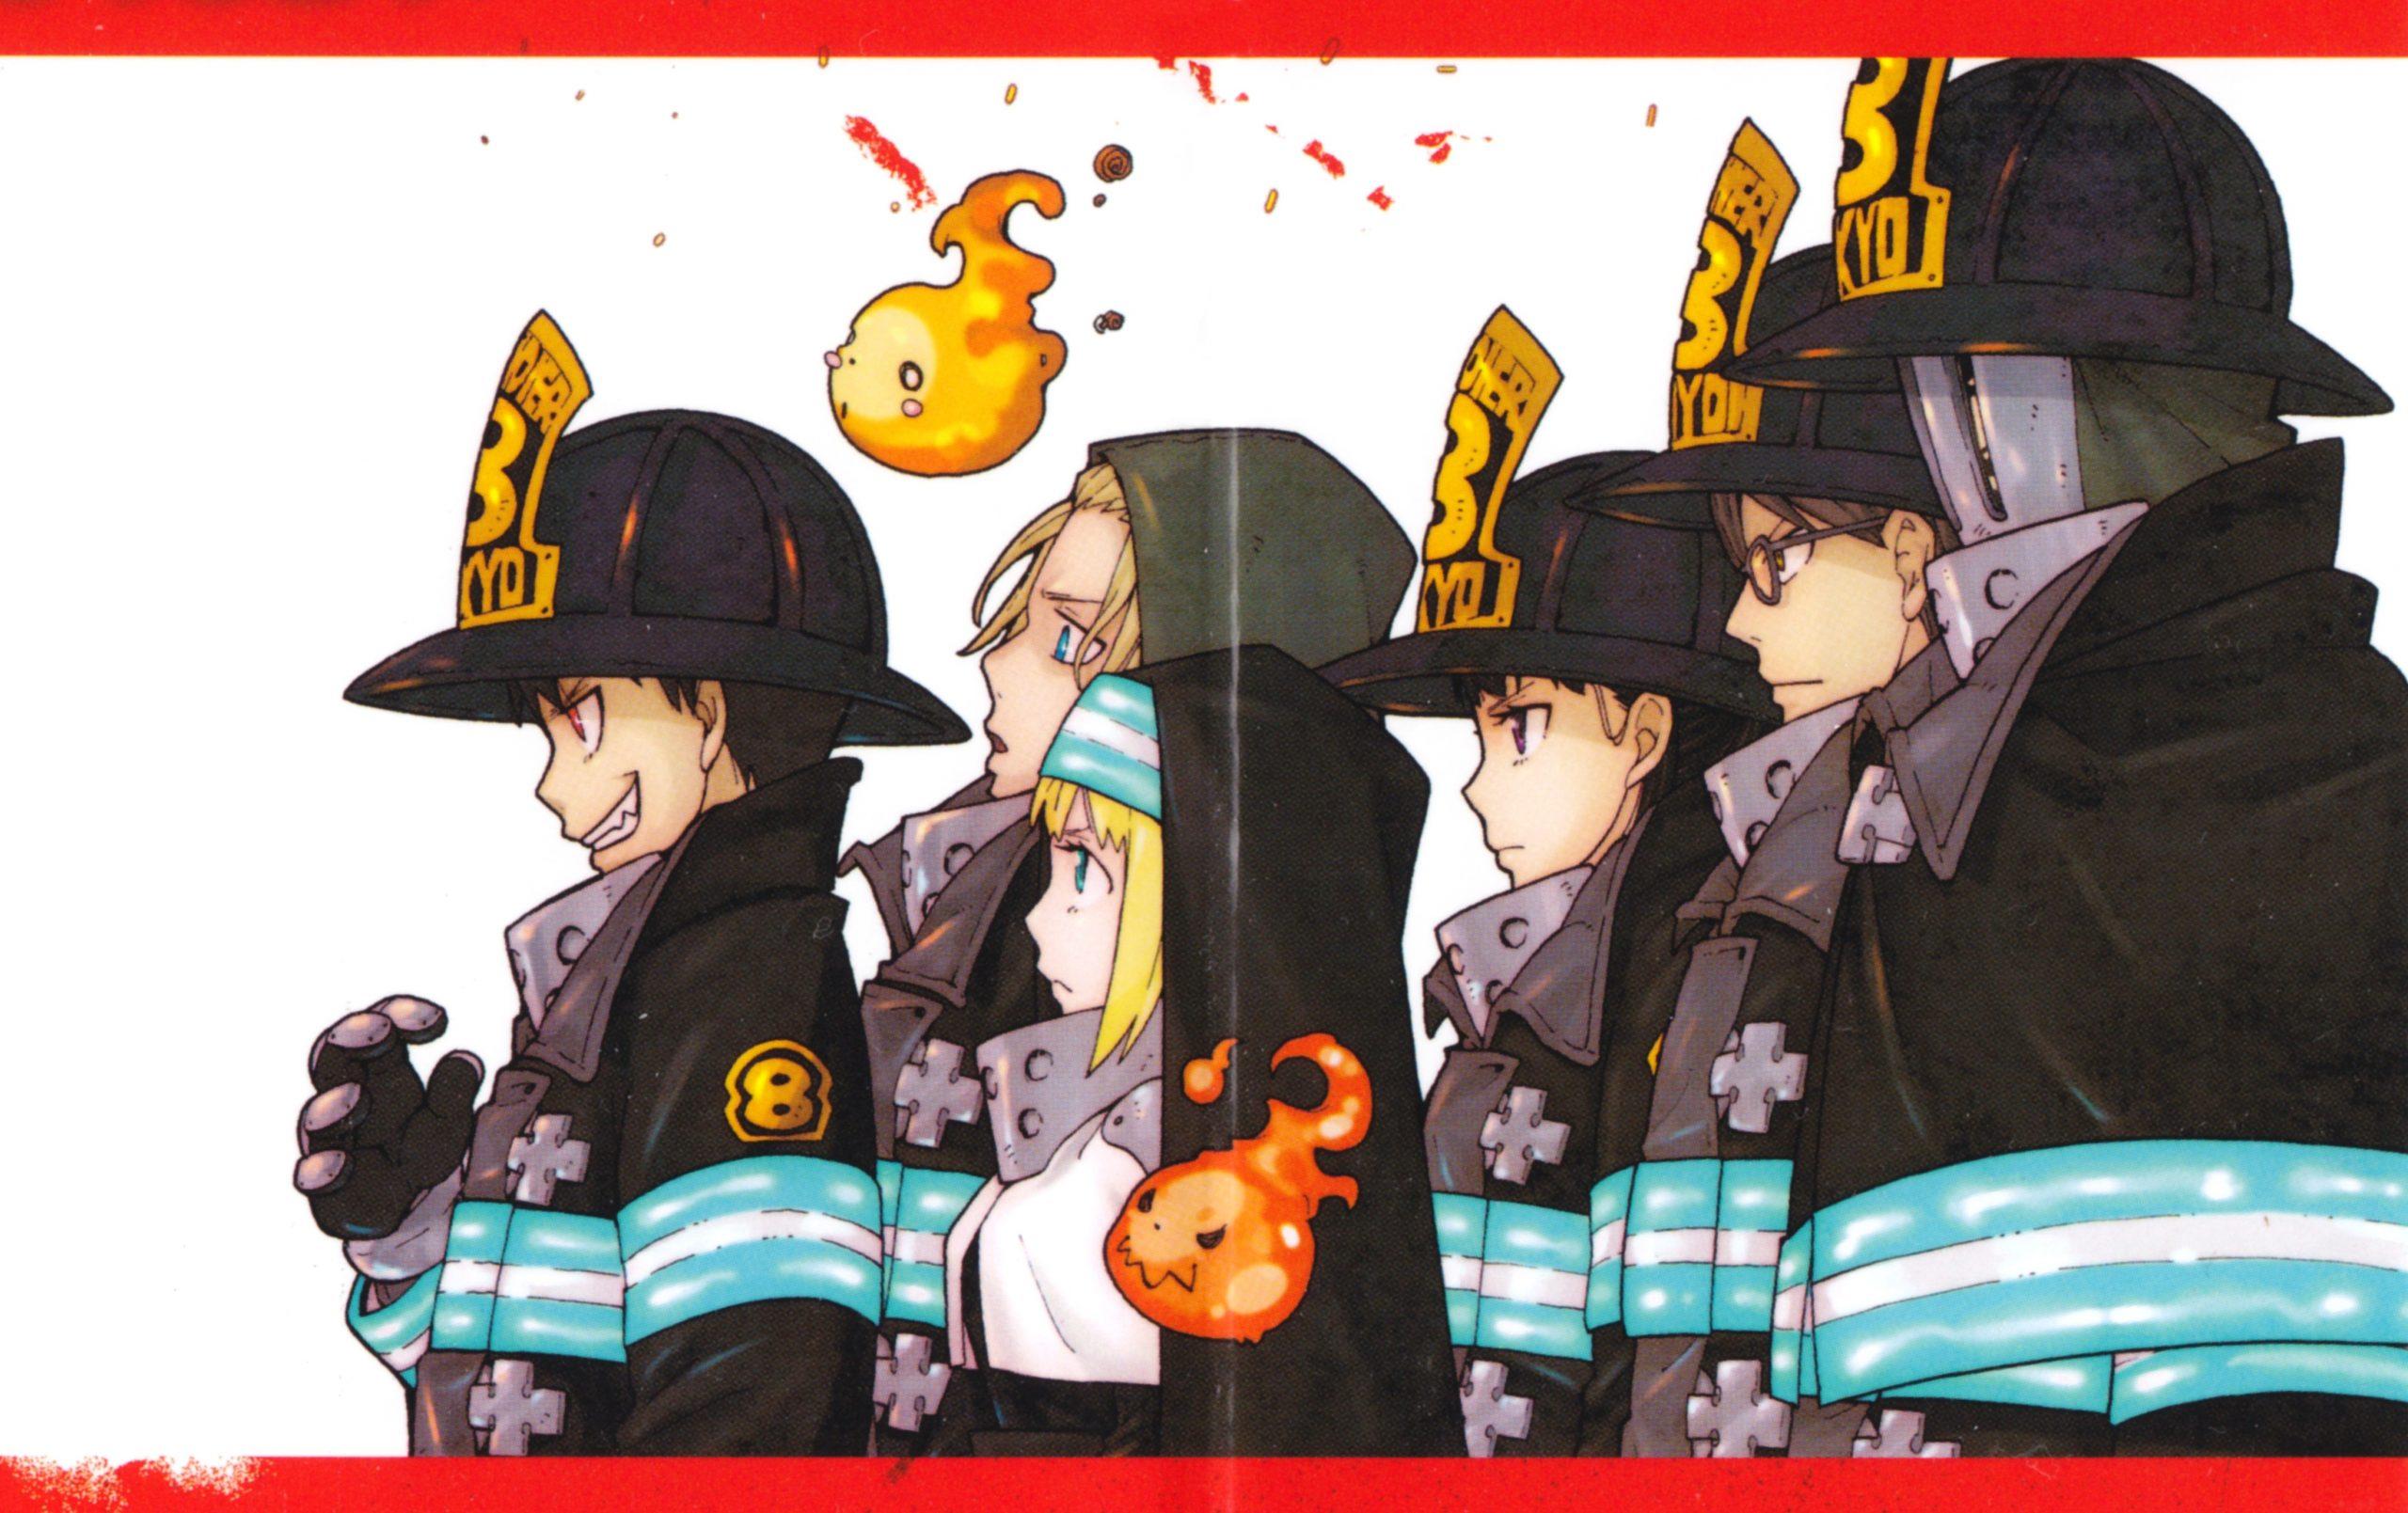 726746 scaled - Enen no Shouboutai (Fire Force)Tanıtım ve İnceleme - Figurex Anime Tanıtımları